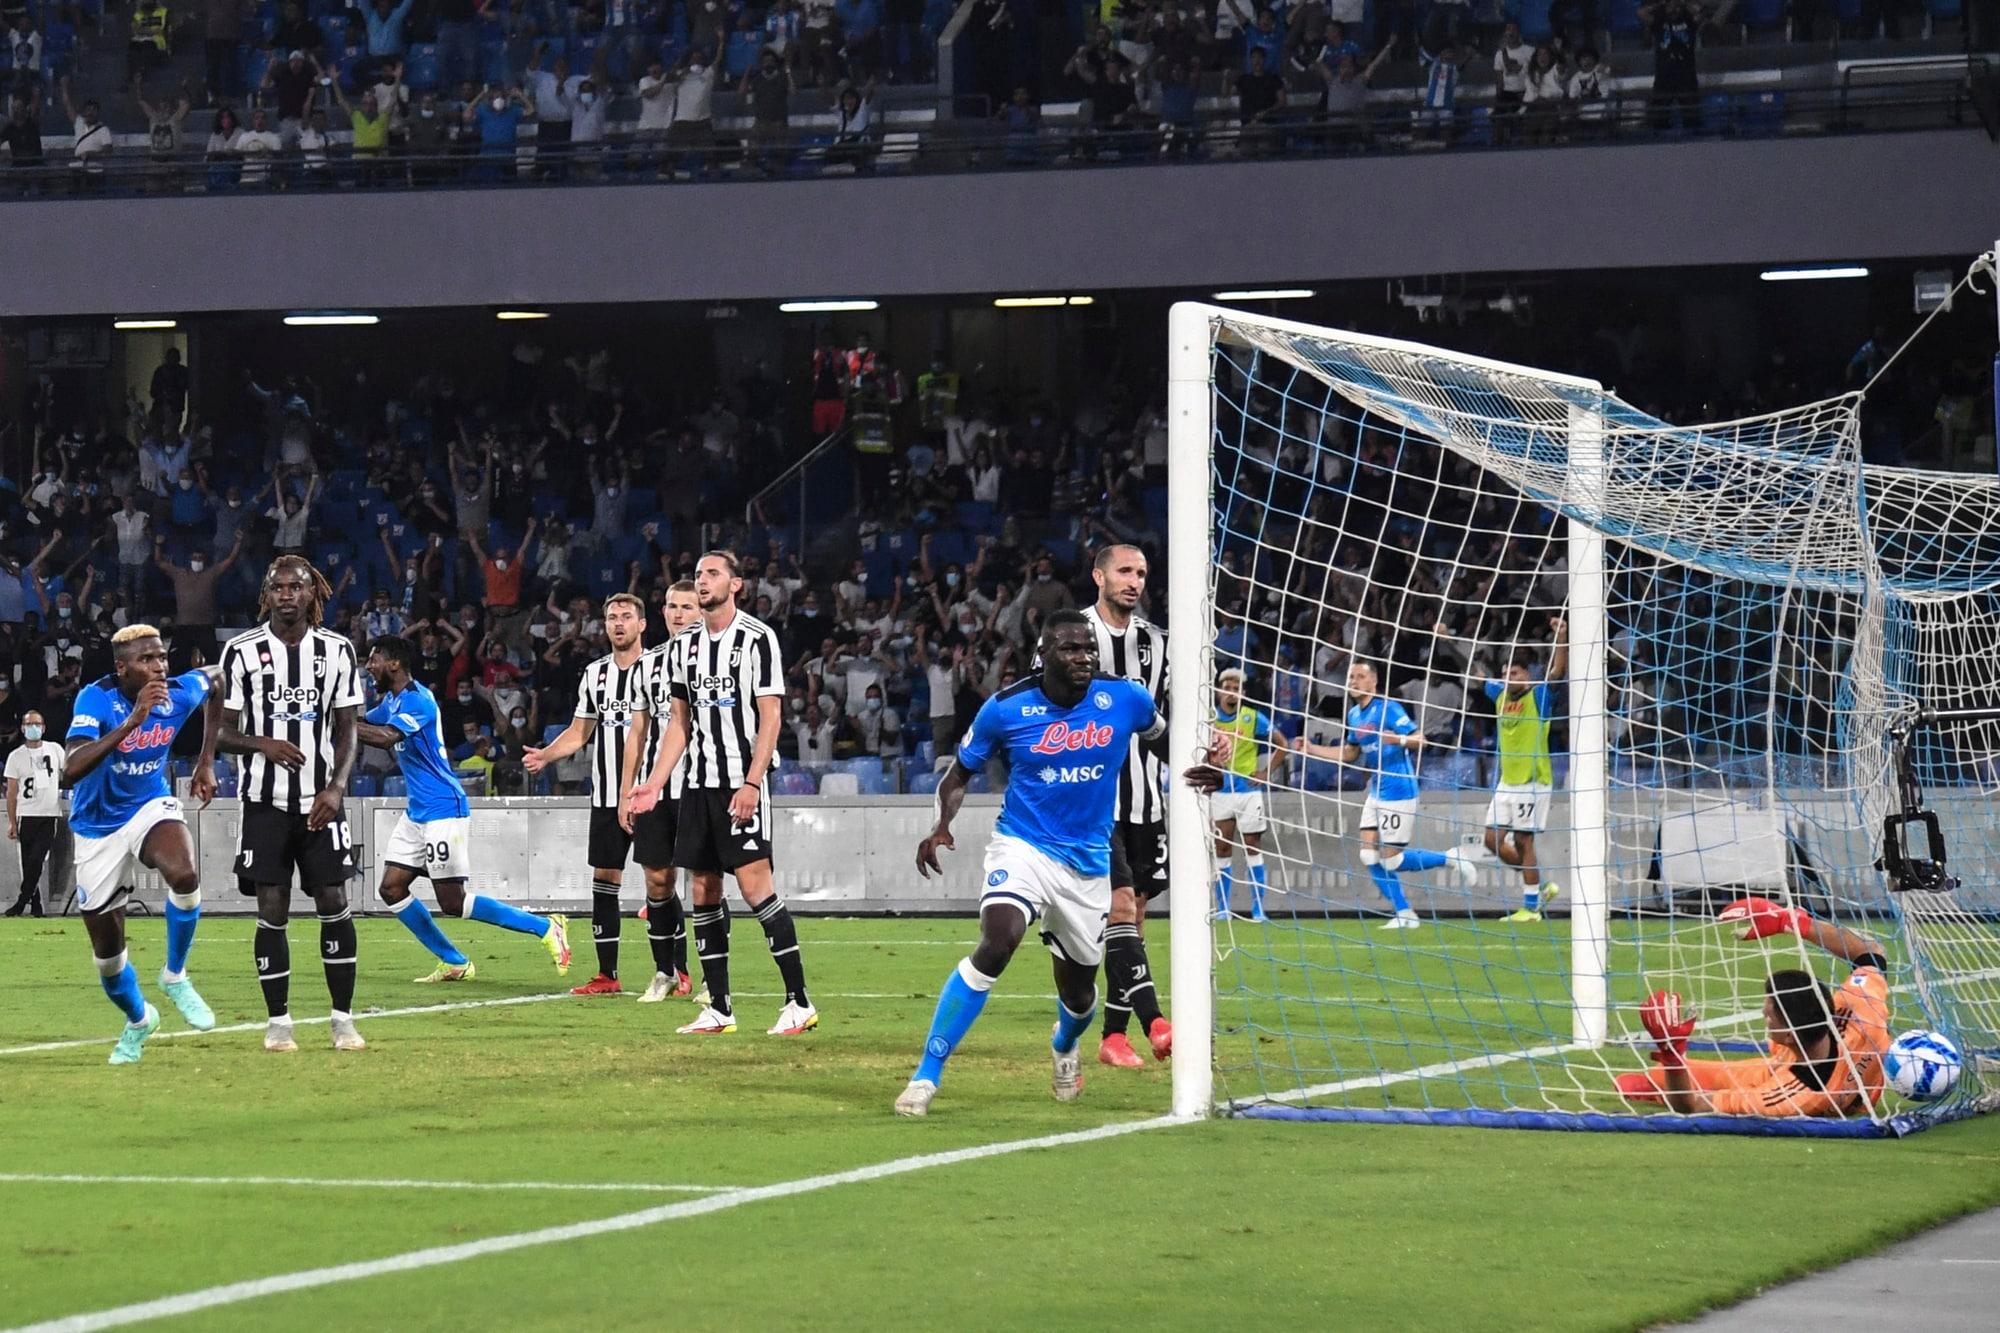 Napoli-Juve 2-1: Morata illude, che errori di Szczesny e Kean!